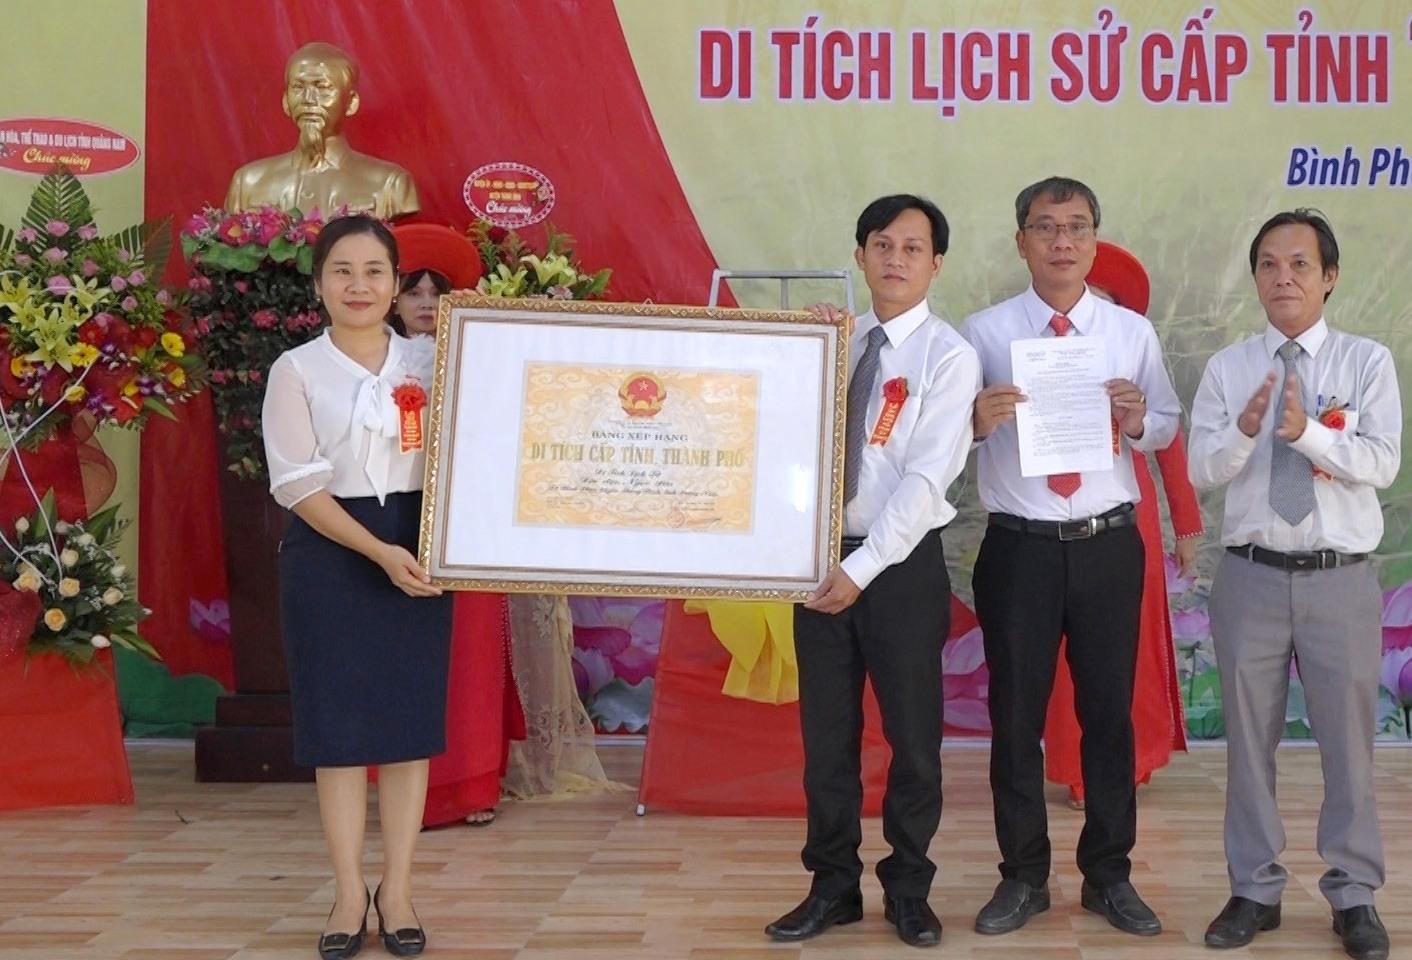 đón bằng xếp hạng di tích lịch sử cấp tỉnh địa đạo Ngọc Sơn